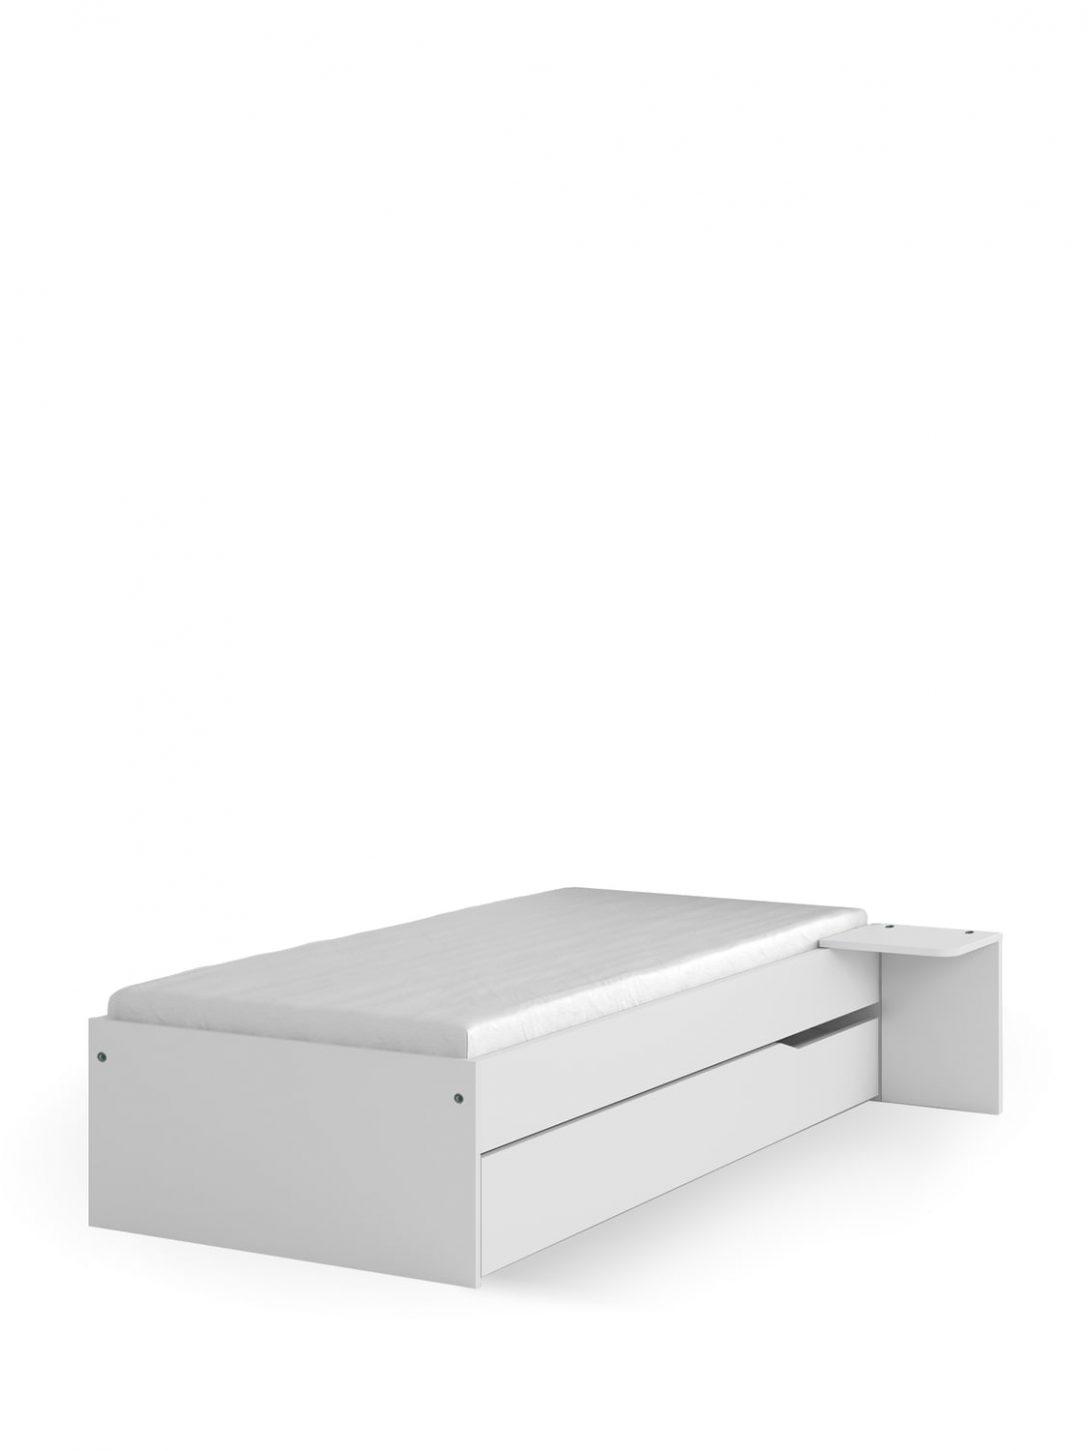 Large Size of Bett 90x190 Niedrig White Meblik Hülsta Betten Düsseldorf Minion Mit Schubladen 180x200 Erhöhtes 90x200 Weiß 1 40 200x200 Aufbewahrung Bonprix Roba Bett Bett 90x190